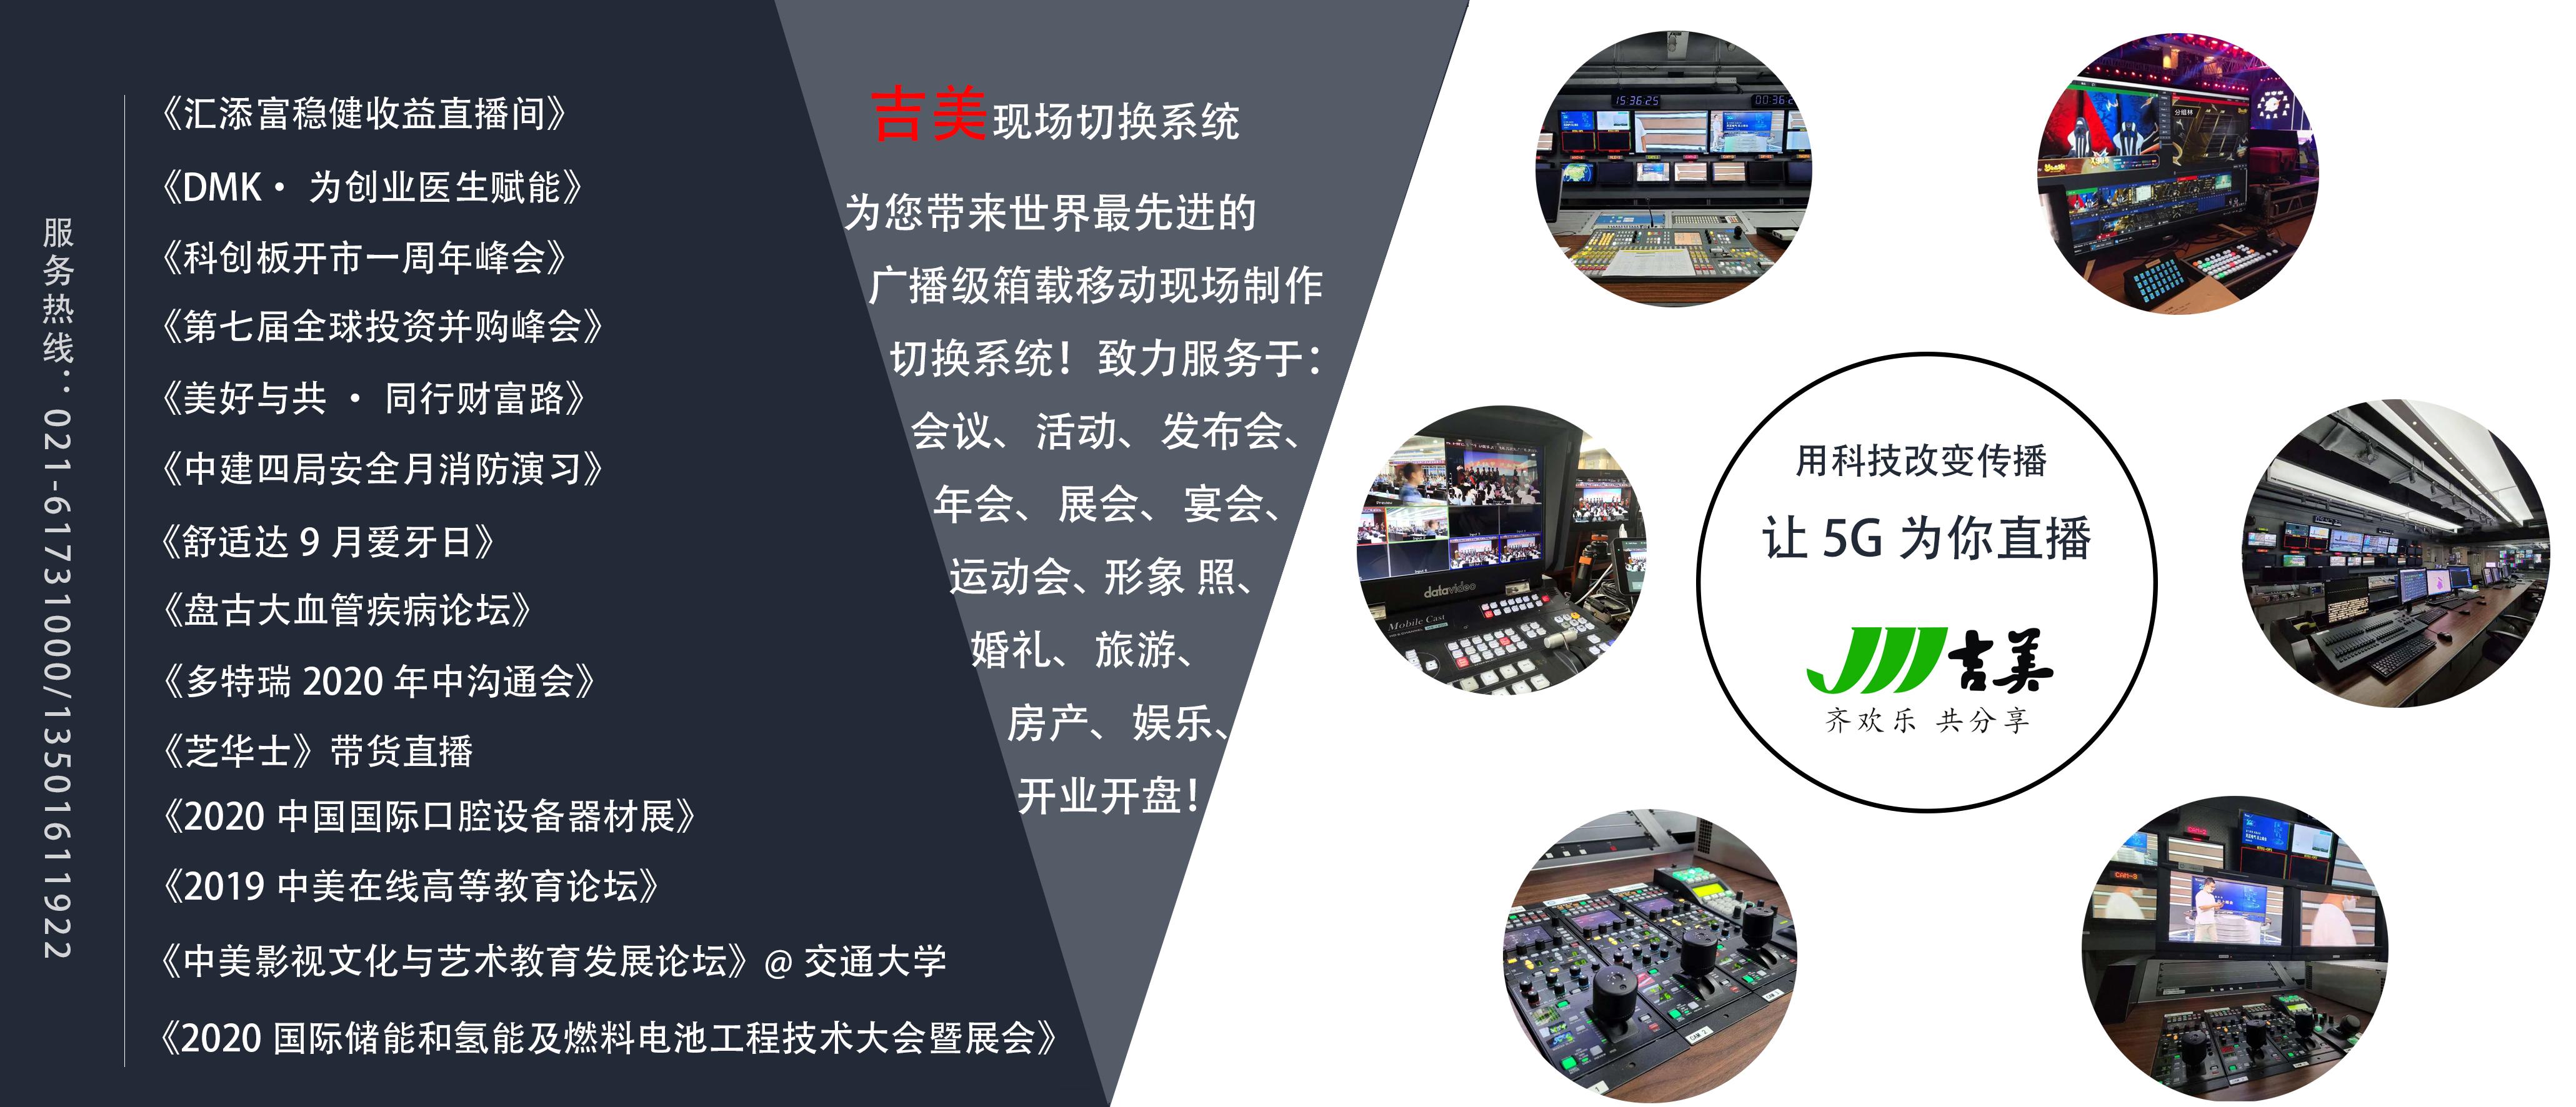 上海网络直播照片直播展会直播摄影摄像摇臂导播大合影